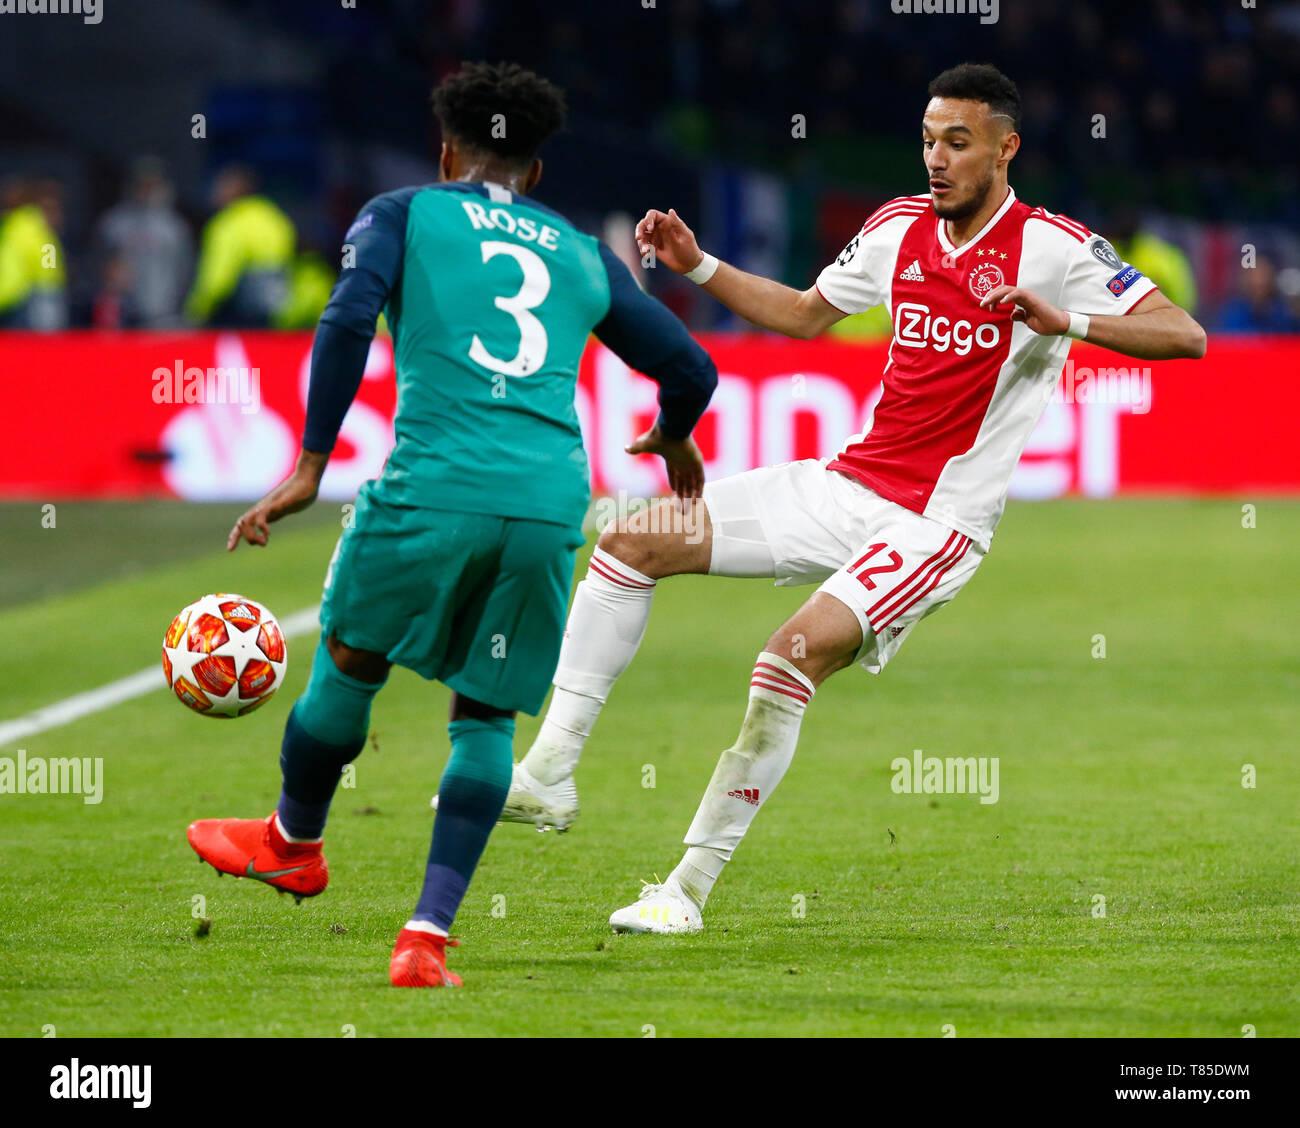 Tottenham Vs Ajax Semi Final: 2nd Leg Stock Photos & 2nd Leg Stock Images